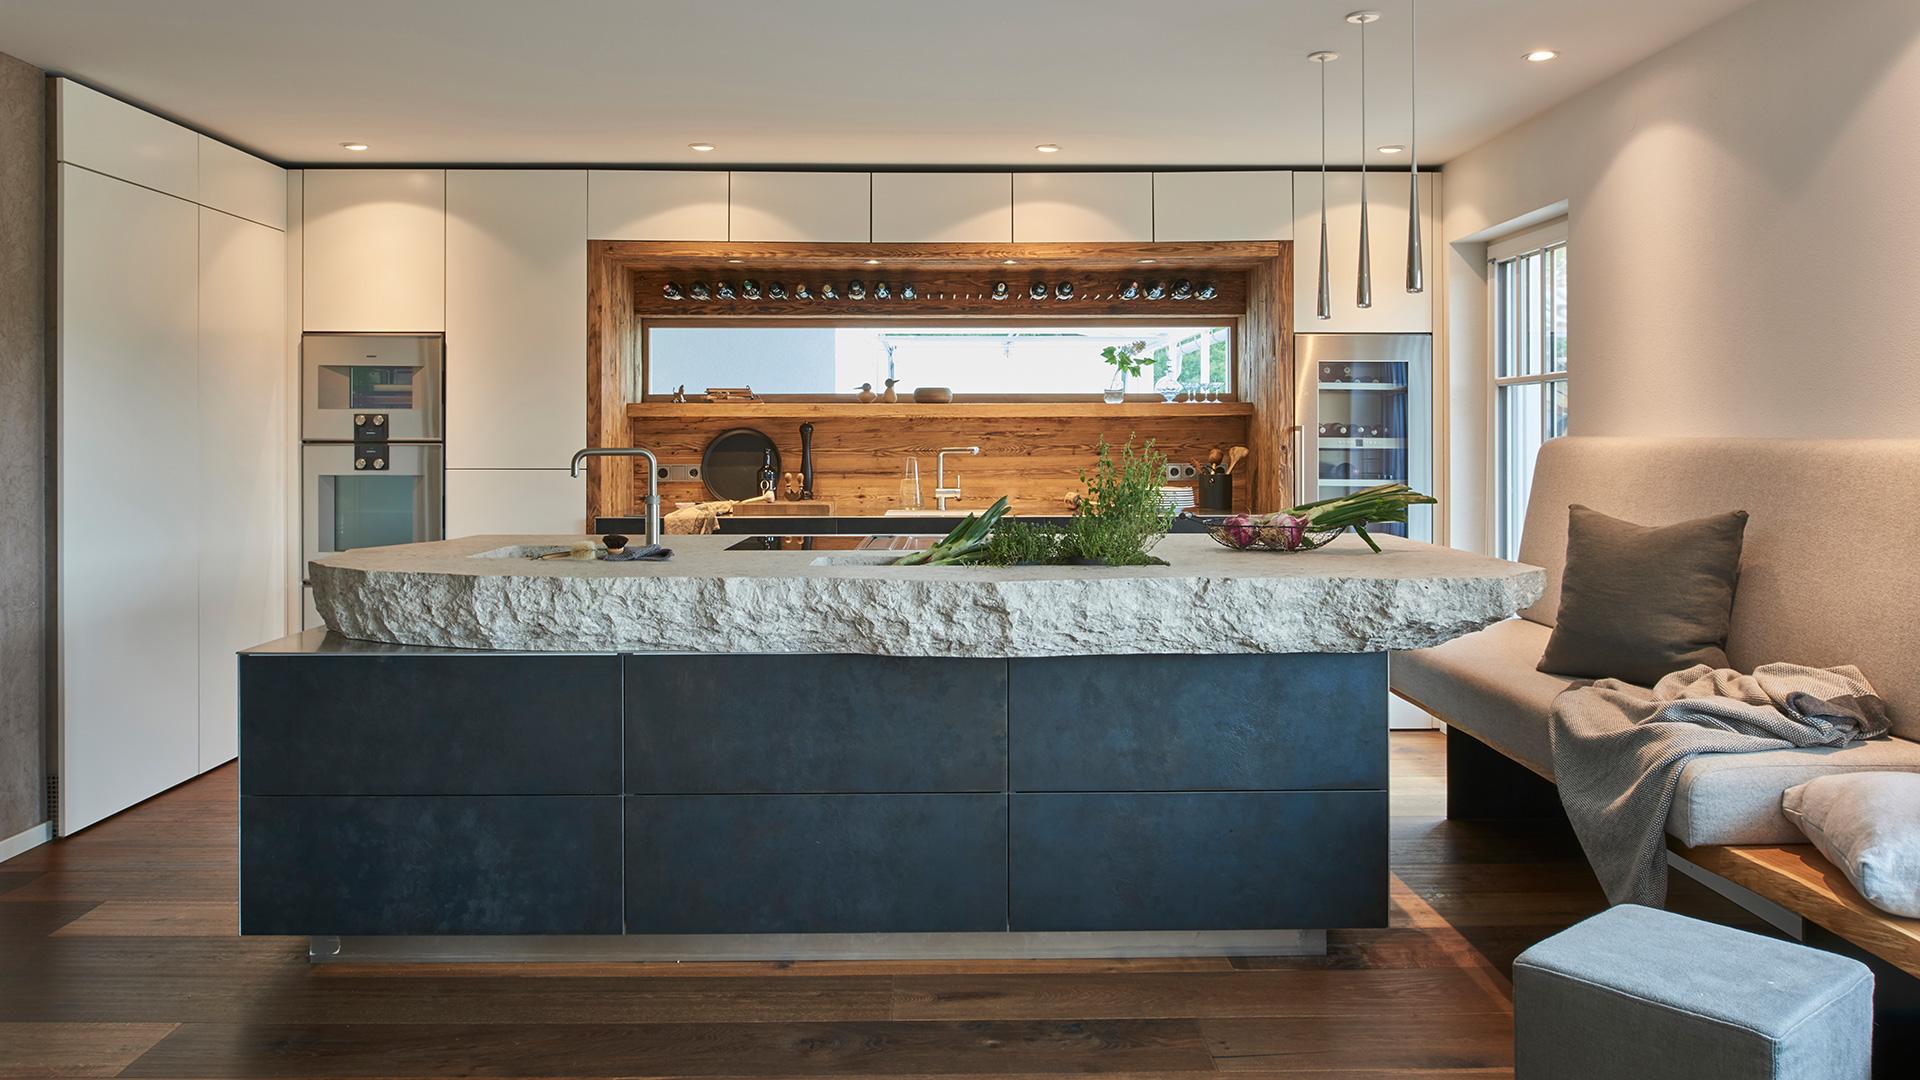 werkhaus Küchen · Designküchen aus Rosenheim